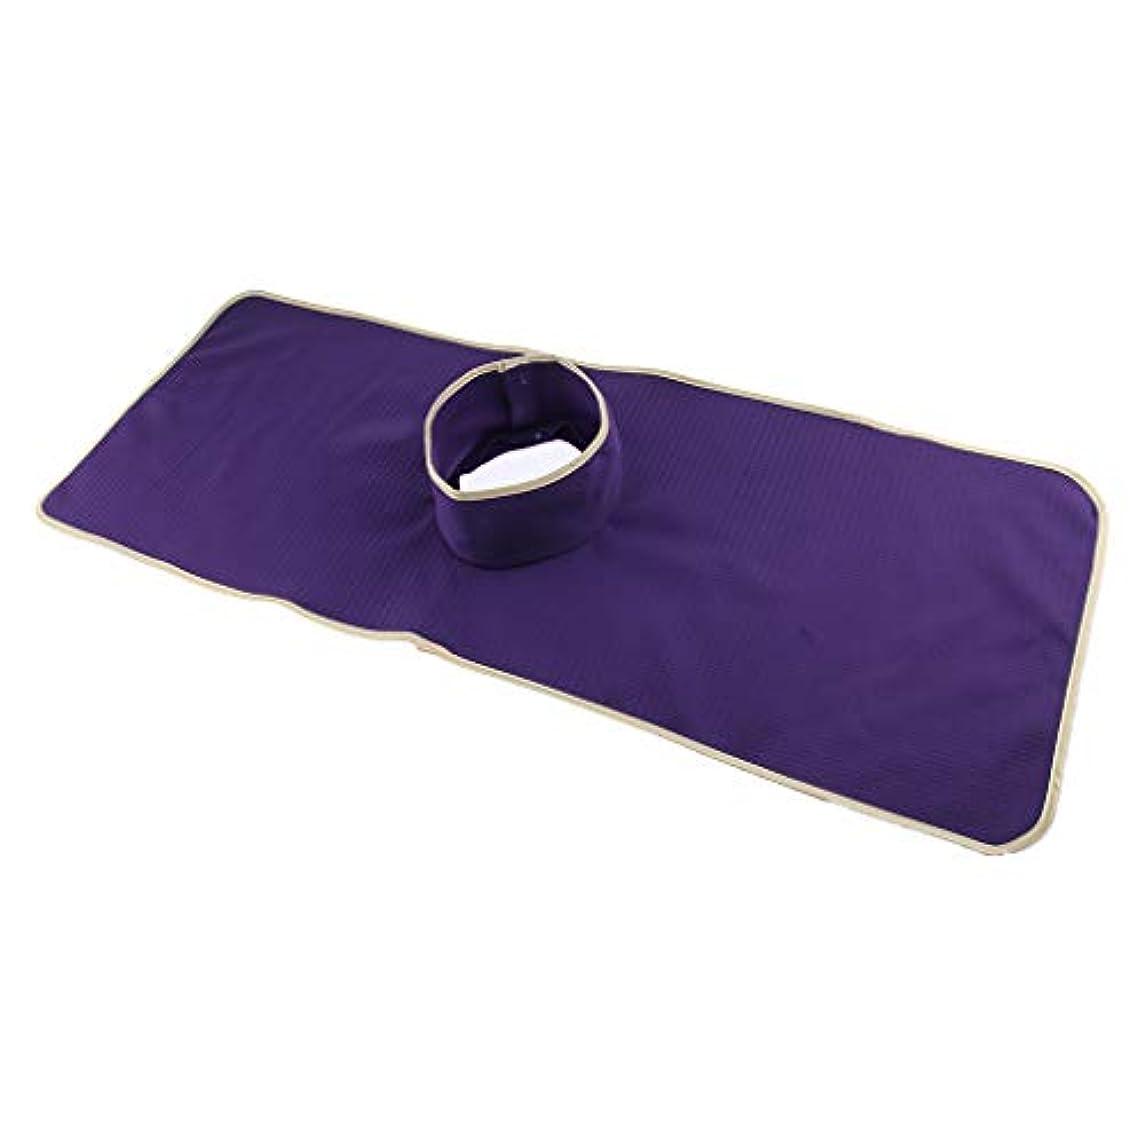 固執装置アサート洗える指圧マッサージベッドタトゥーテーブルシートパッドマットフェイスホールカバー - 紫